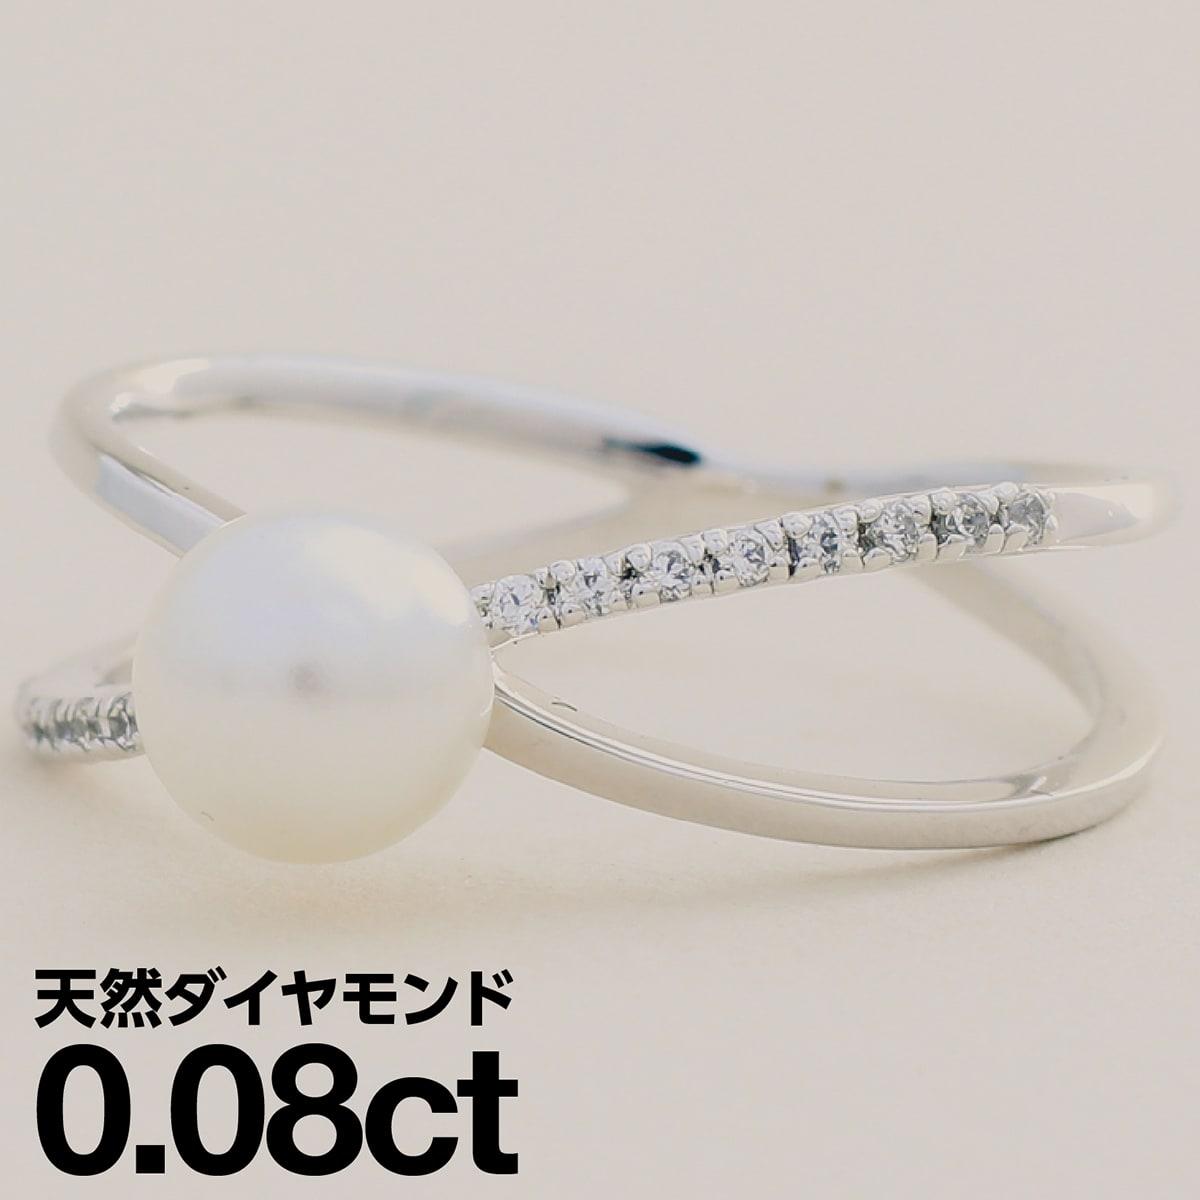 ダイヤモンド 淡水パール リング プラチナ900 ファッションリング 品質保証書 金属アレルギー 日本製 誕生日 ギフト